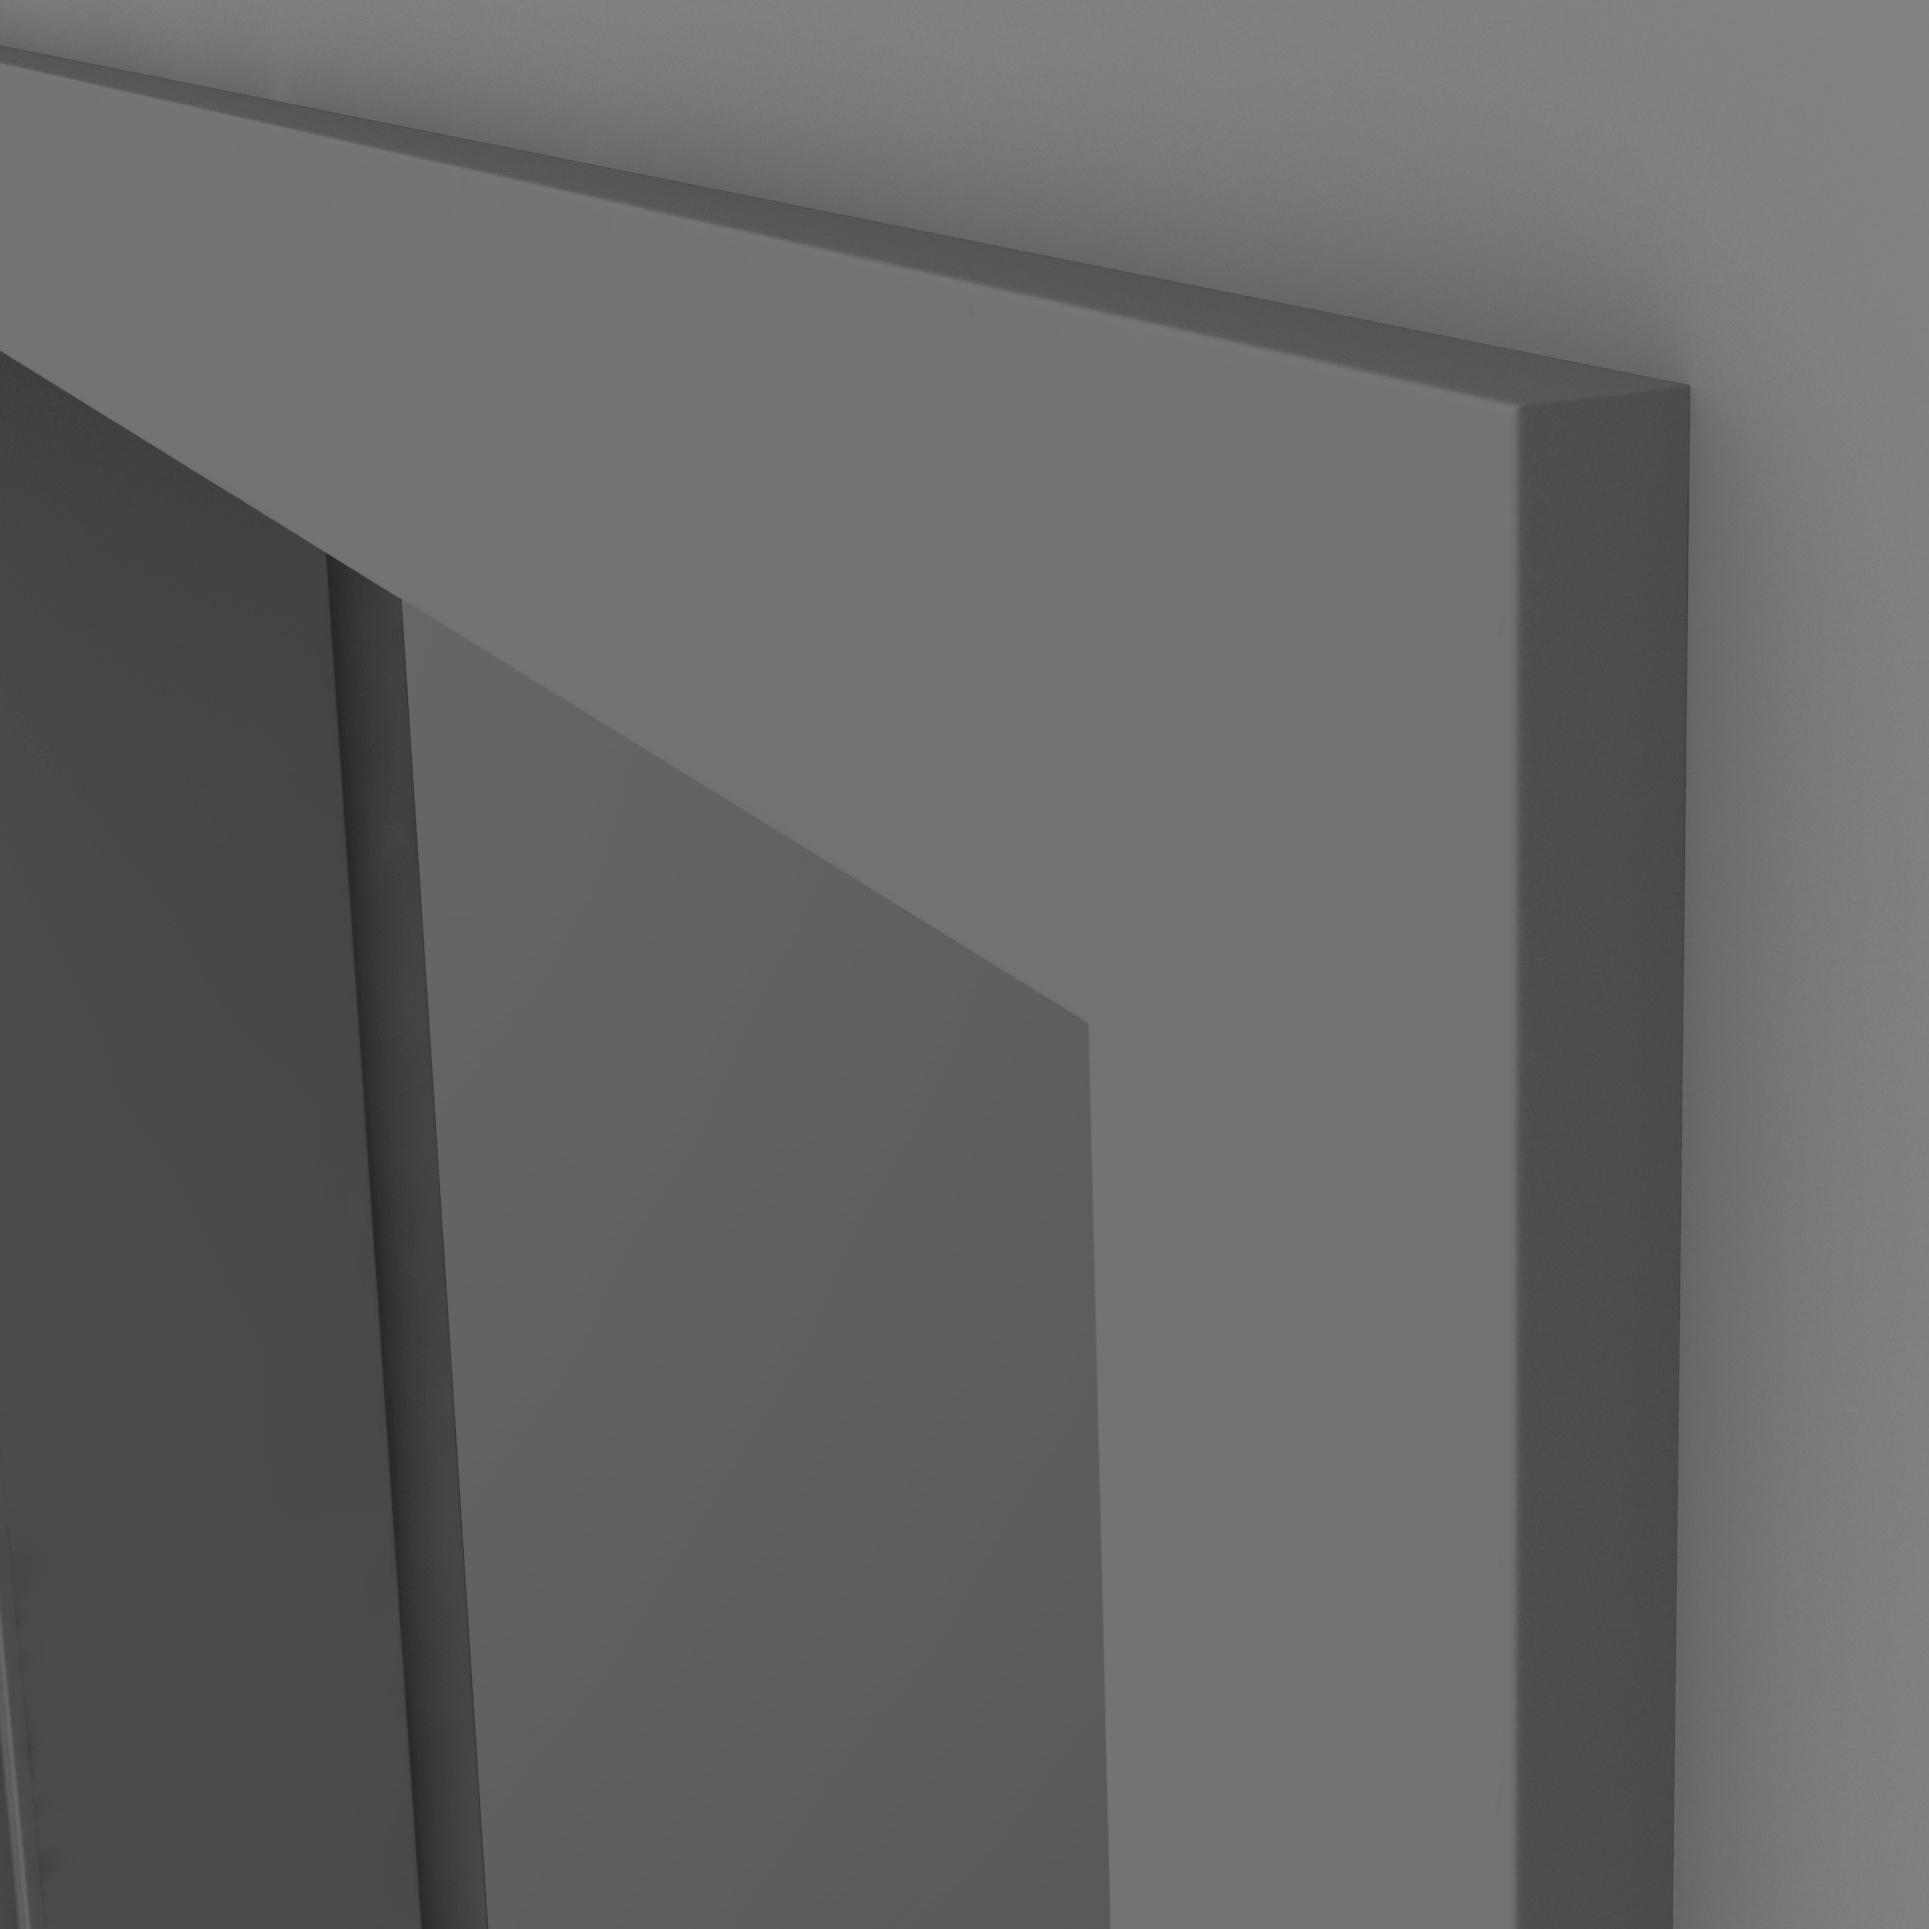 Designkante - 60 mm